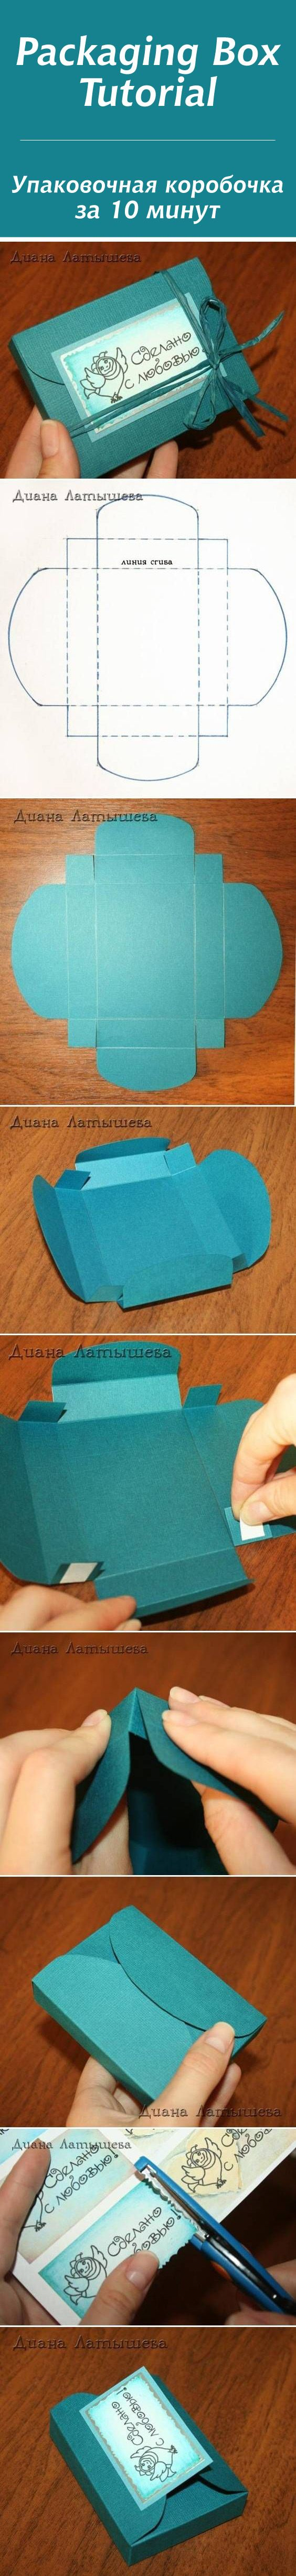 Как сделать упаковочную коробочку за 10 минут / Packaging Box Tutorial